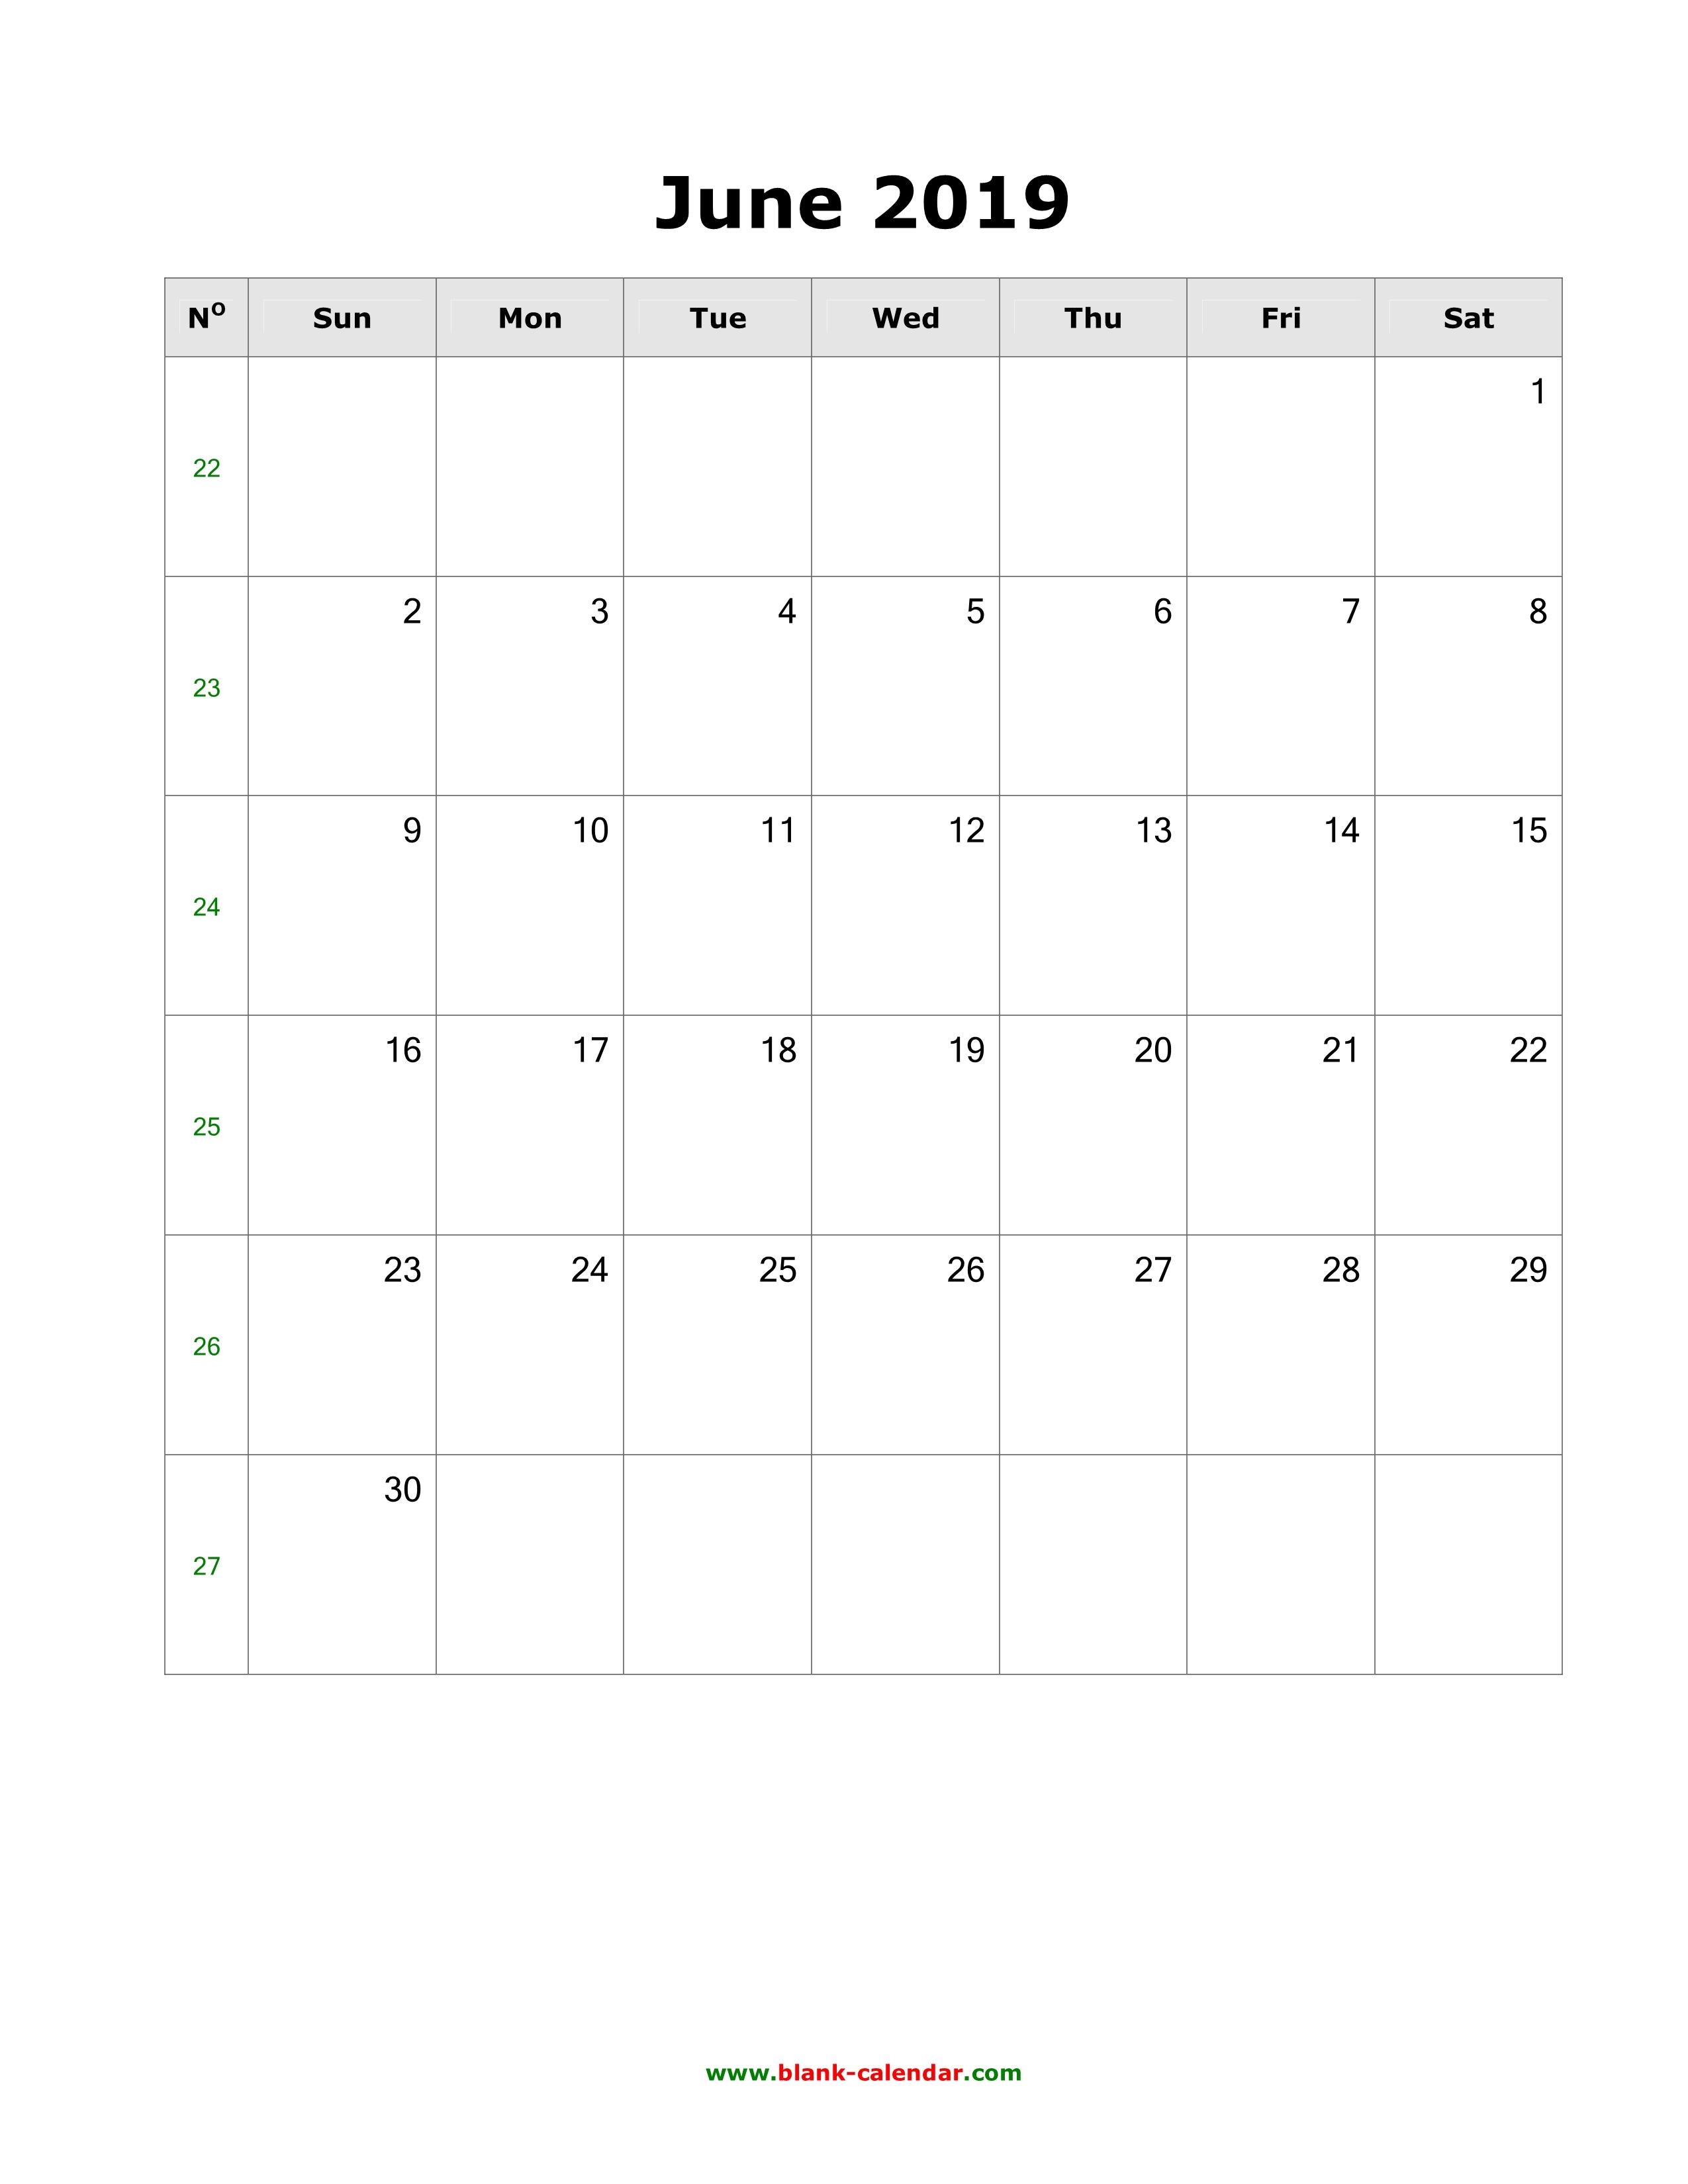 June Calendar 2019 Excel